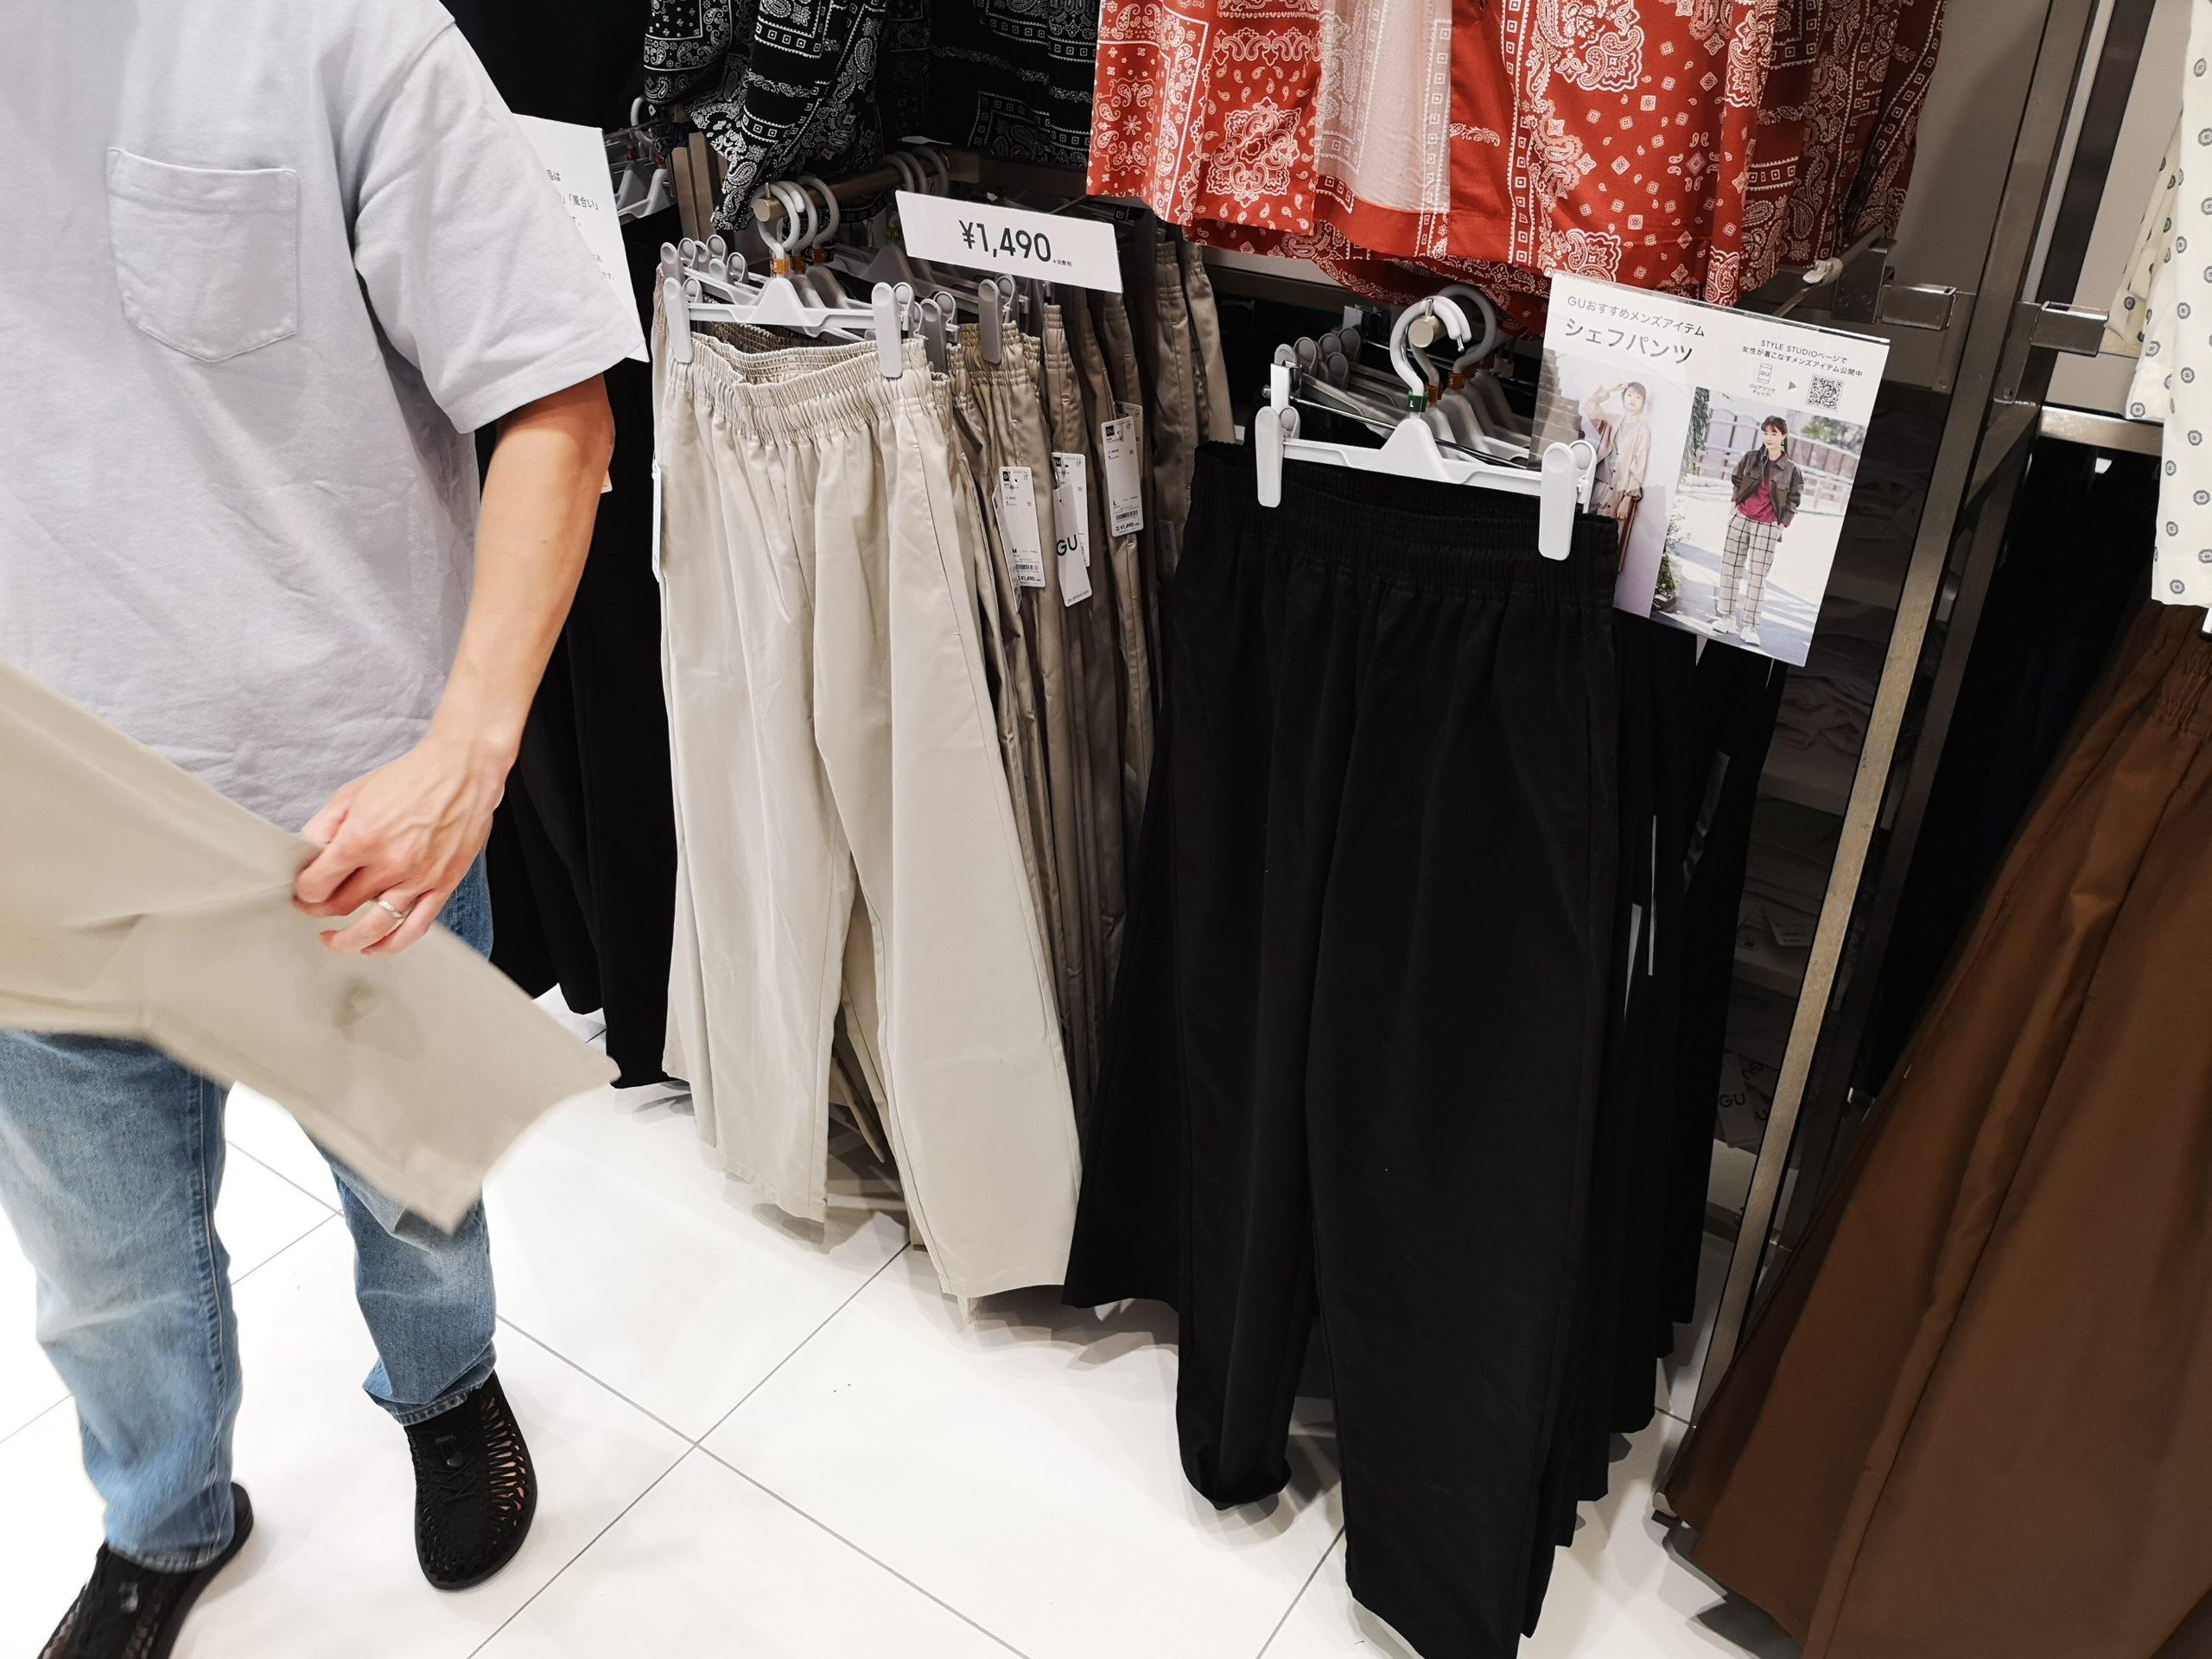 パンツを物色しはじめるK師匠